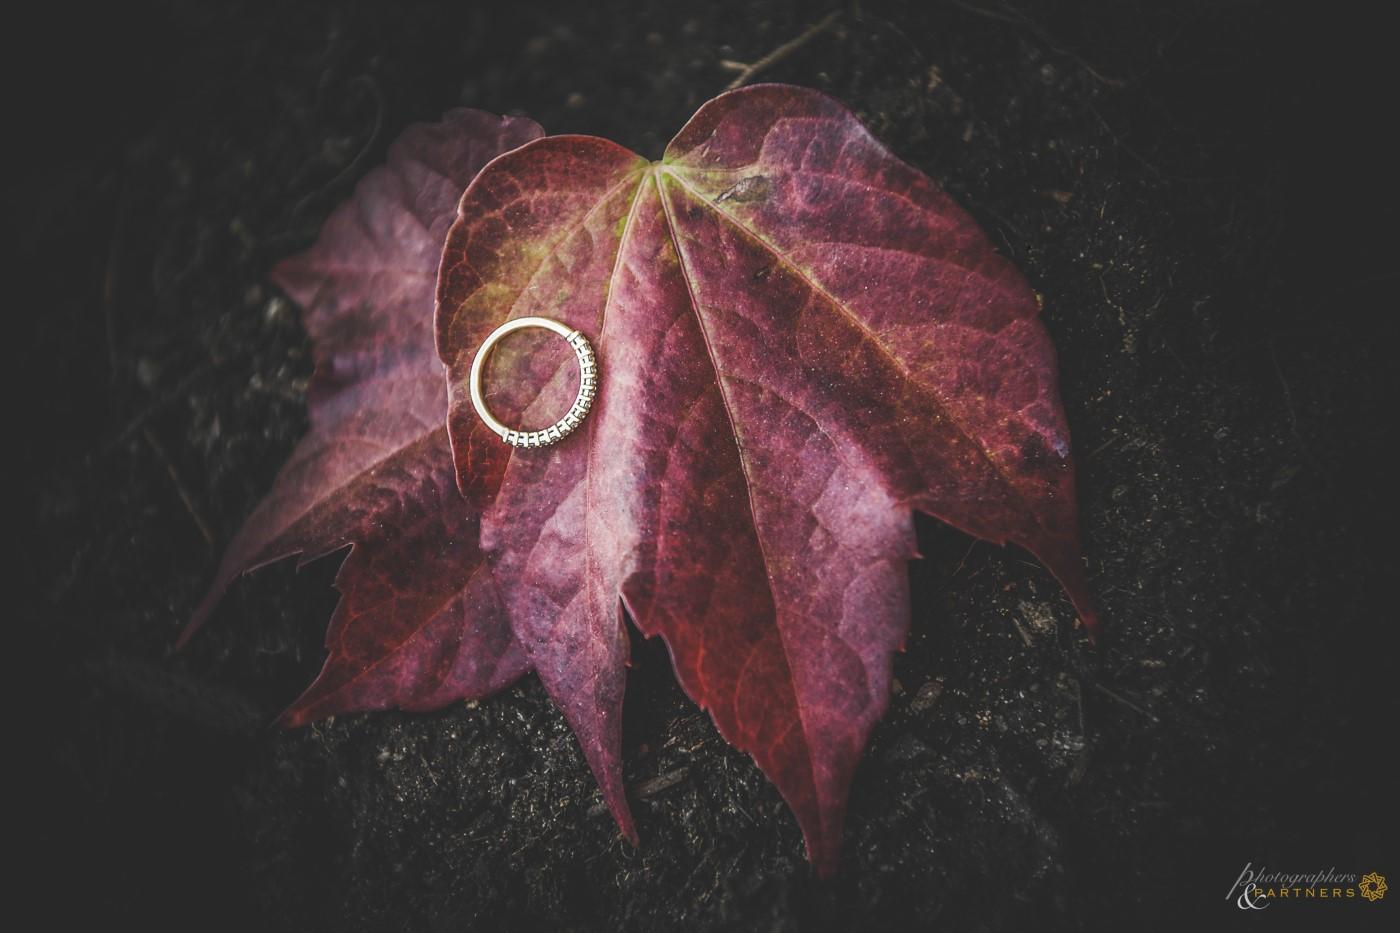 Bride's wedding ring.